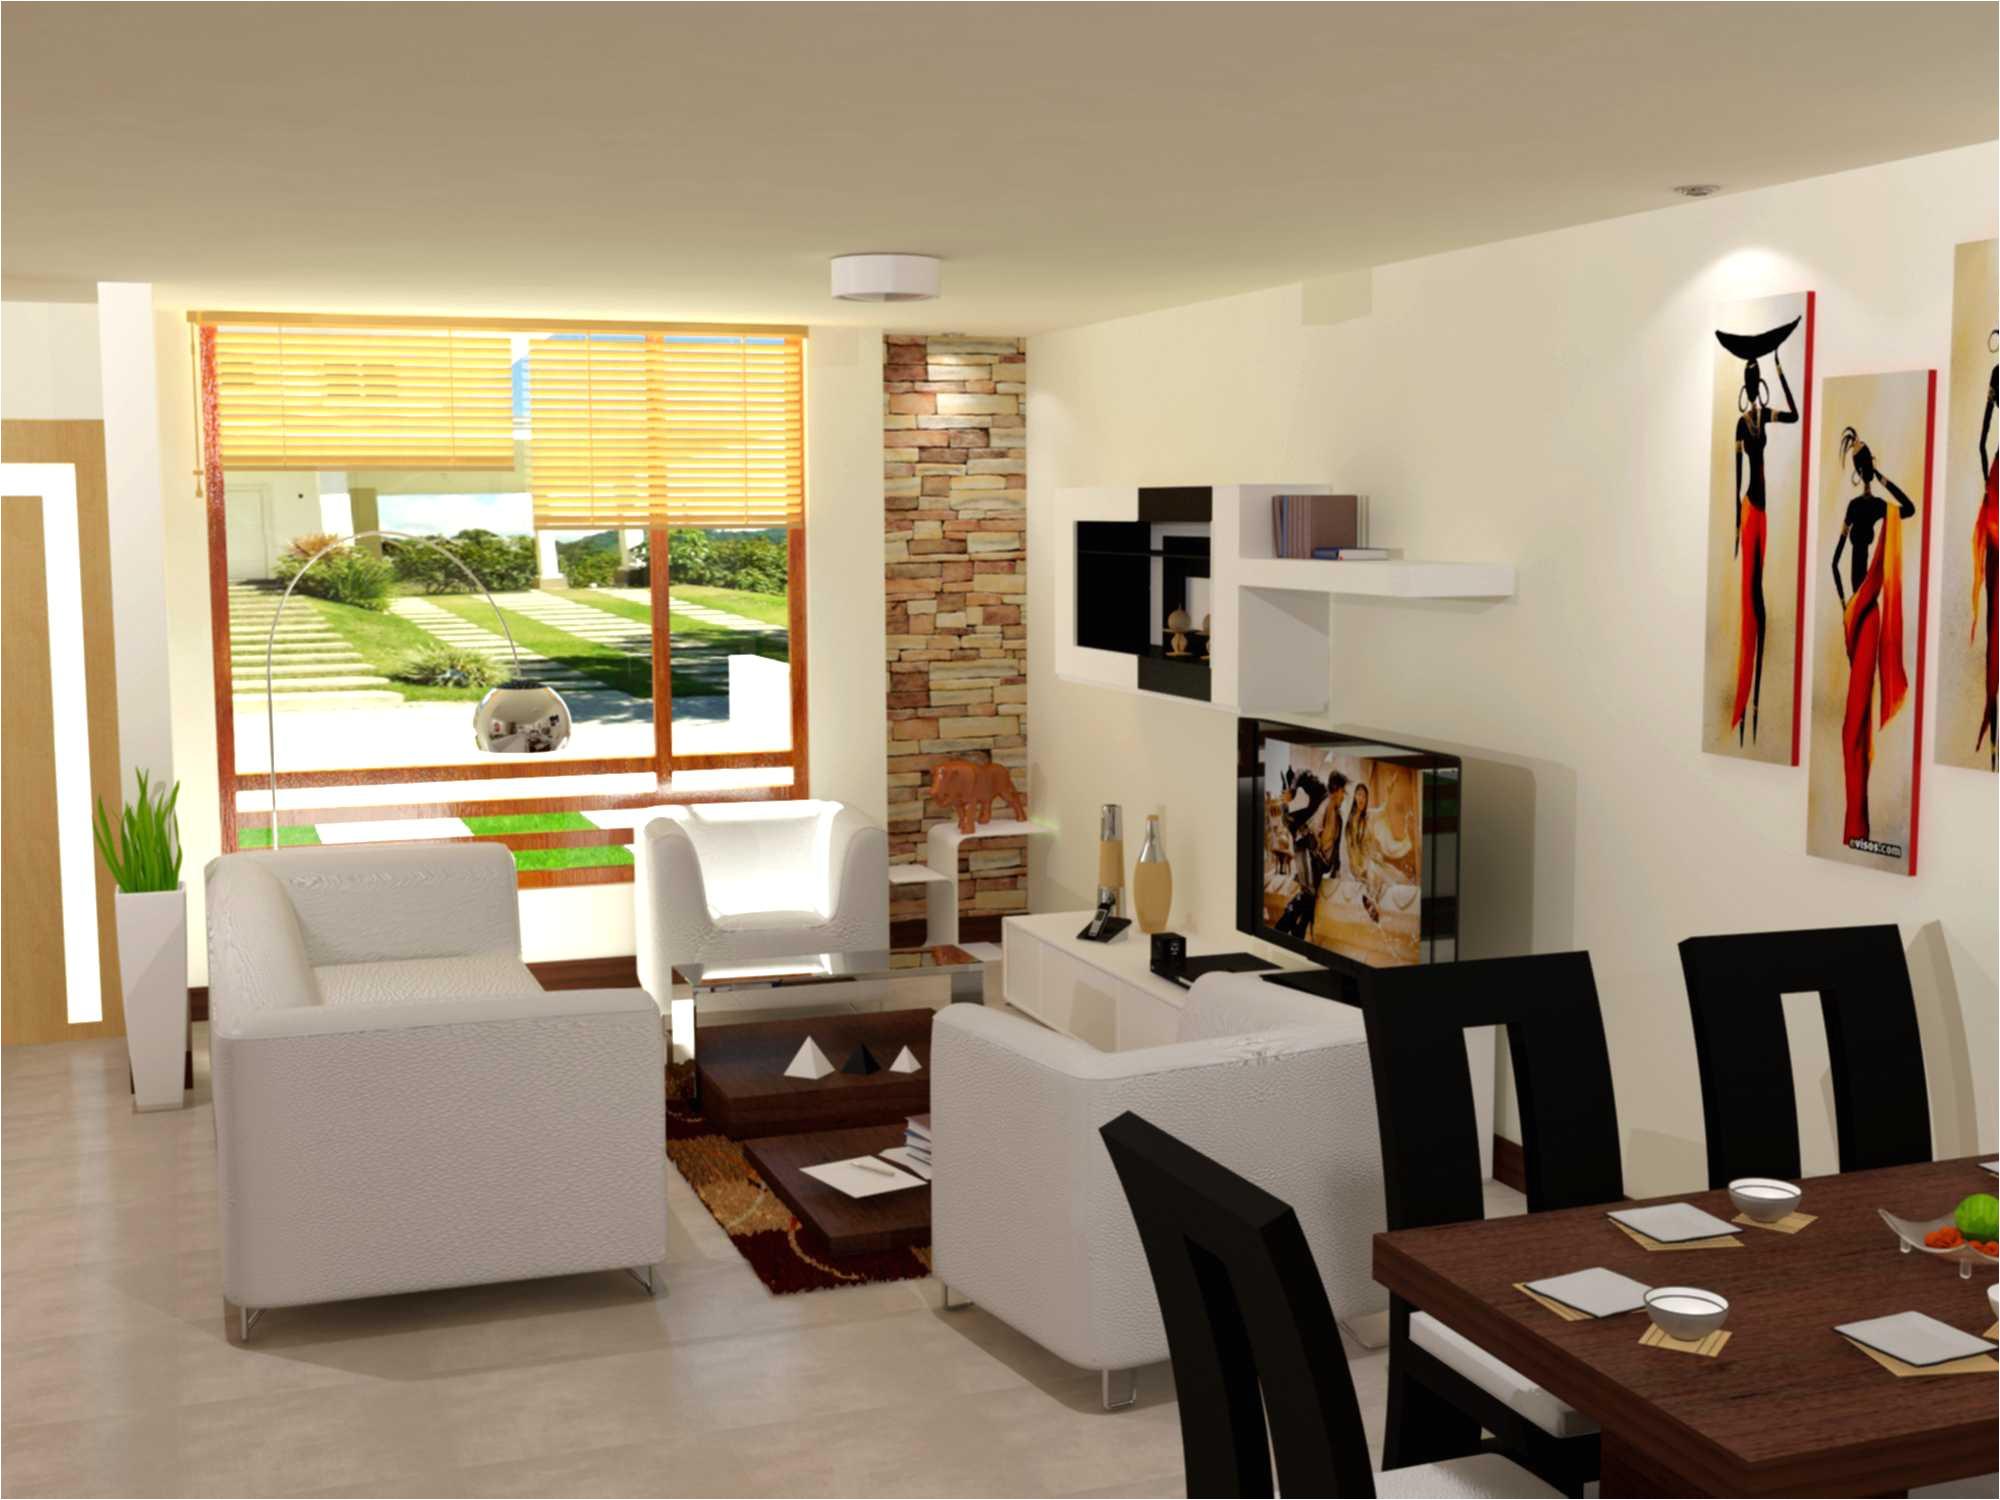 simple simple decoration ideas para decorar la casa ideas para decorar la casa planos como una pequena with ideas para mini casas with mini casas precios